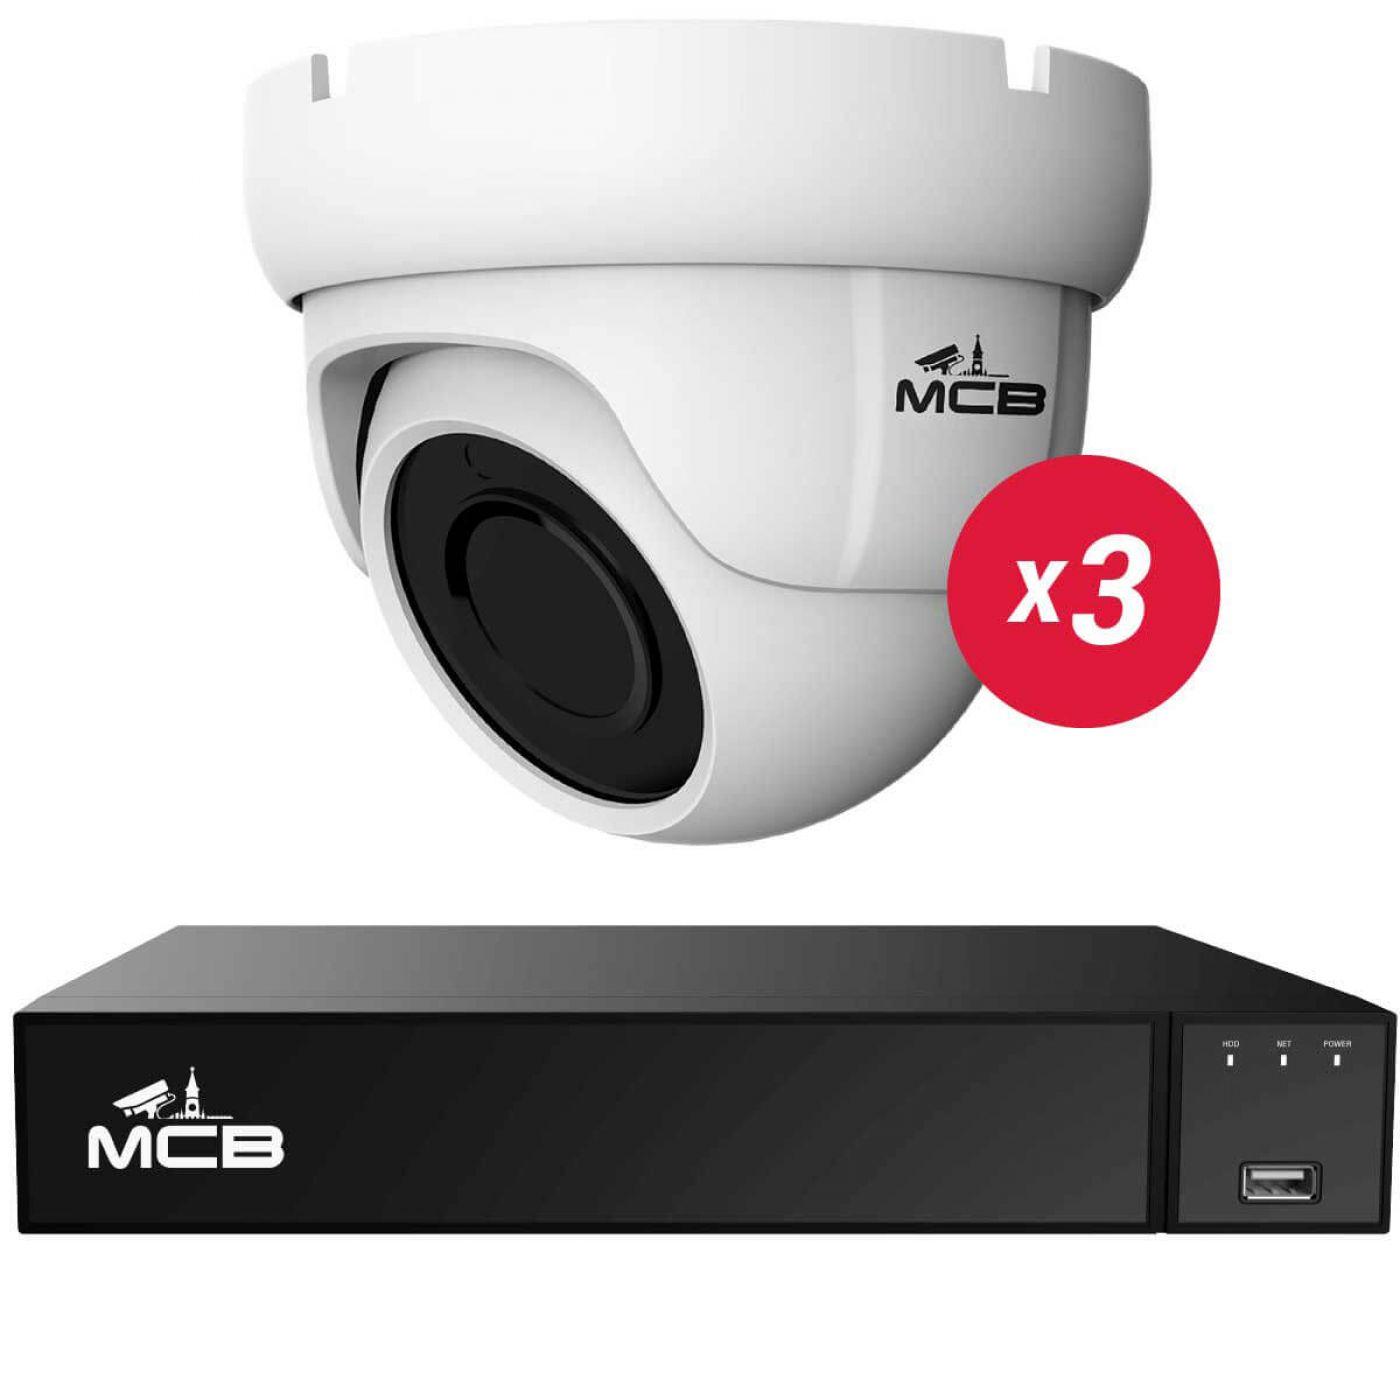 Готовый комплект IP видеонаблюдения на 3 Full HD камеры со звуком